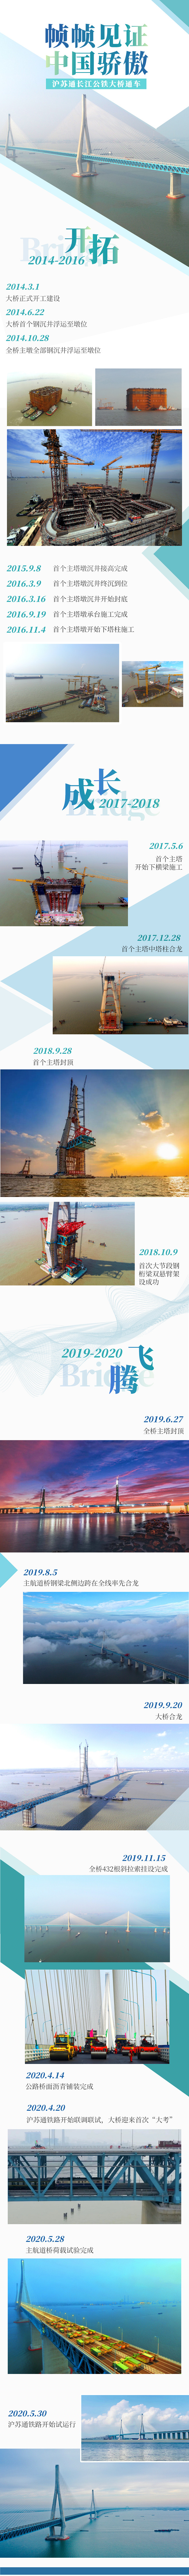 沪苏通长江公铁大桥